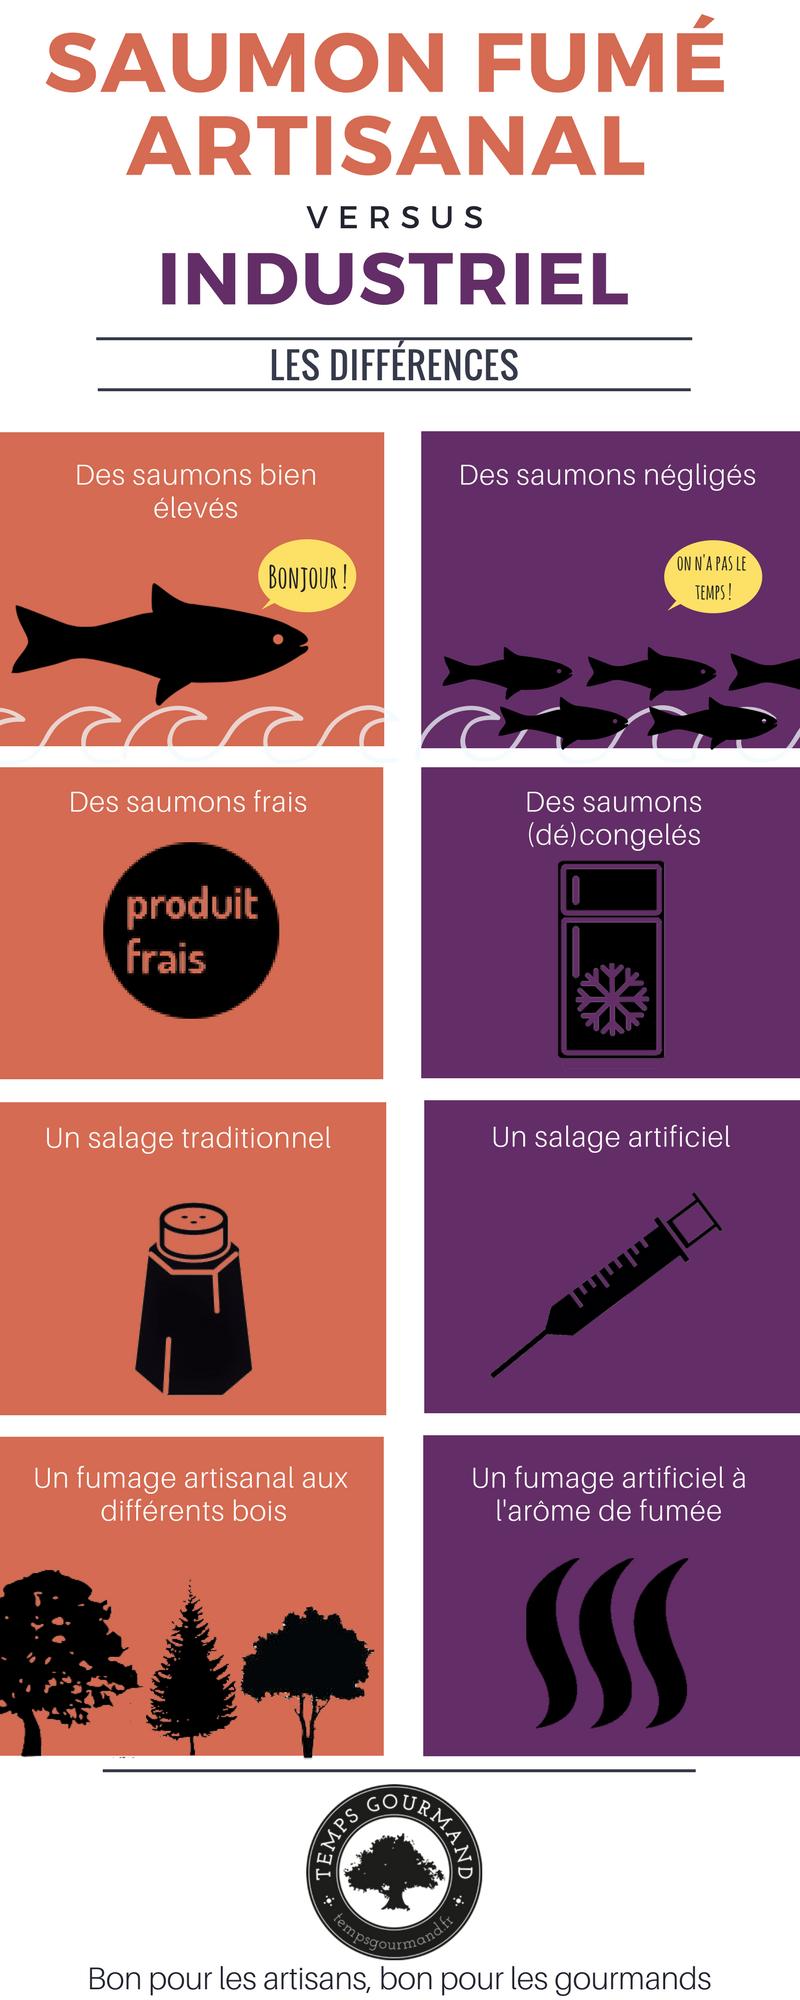 Infographie qui compare le saumon industriel et artisanal.